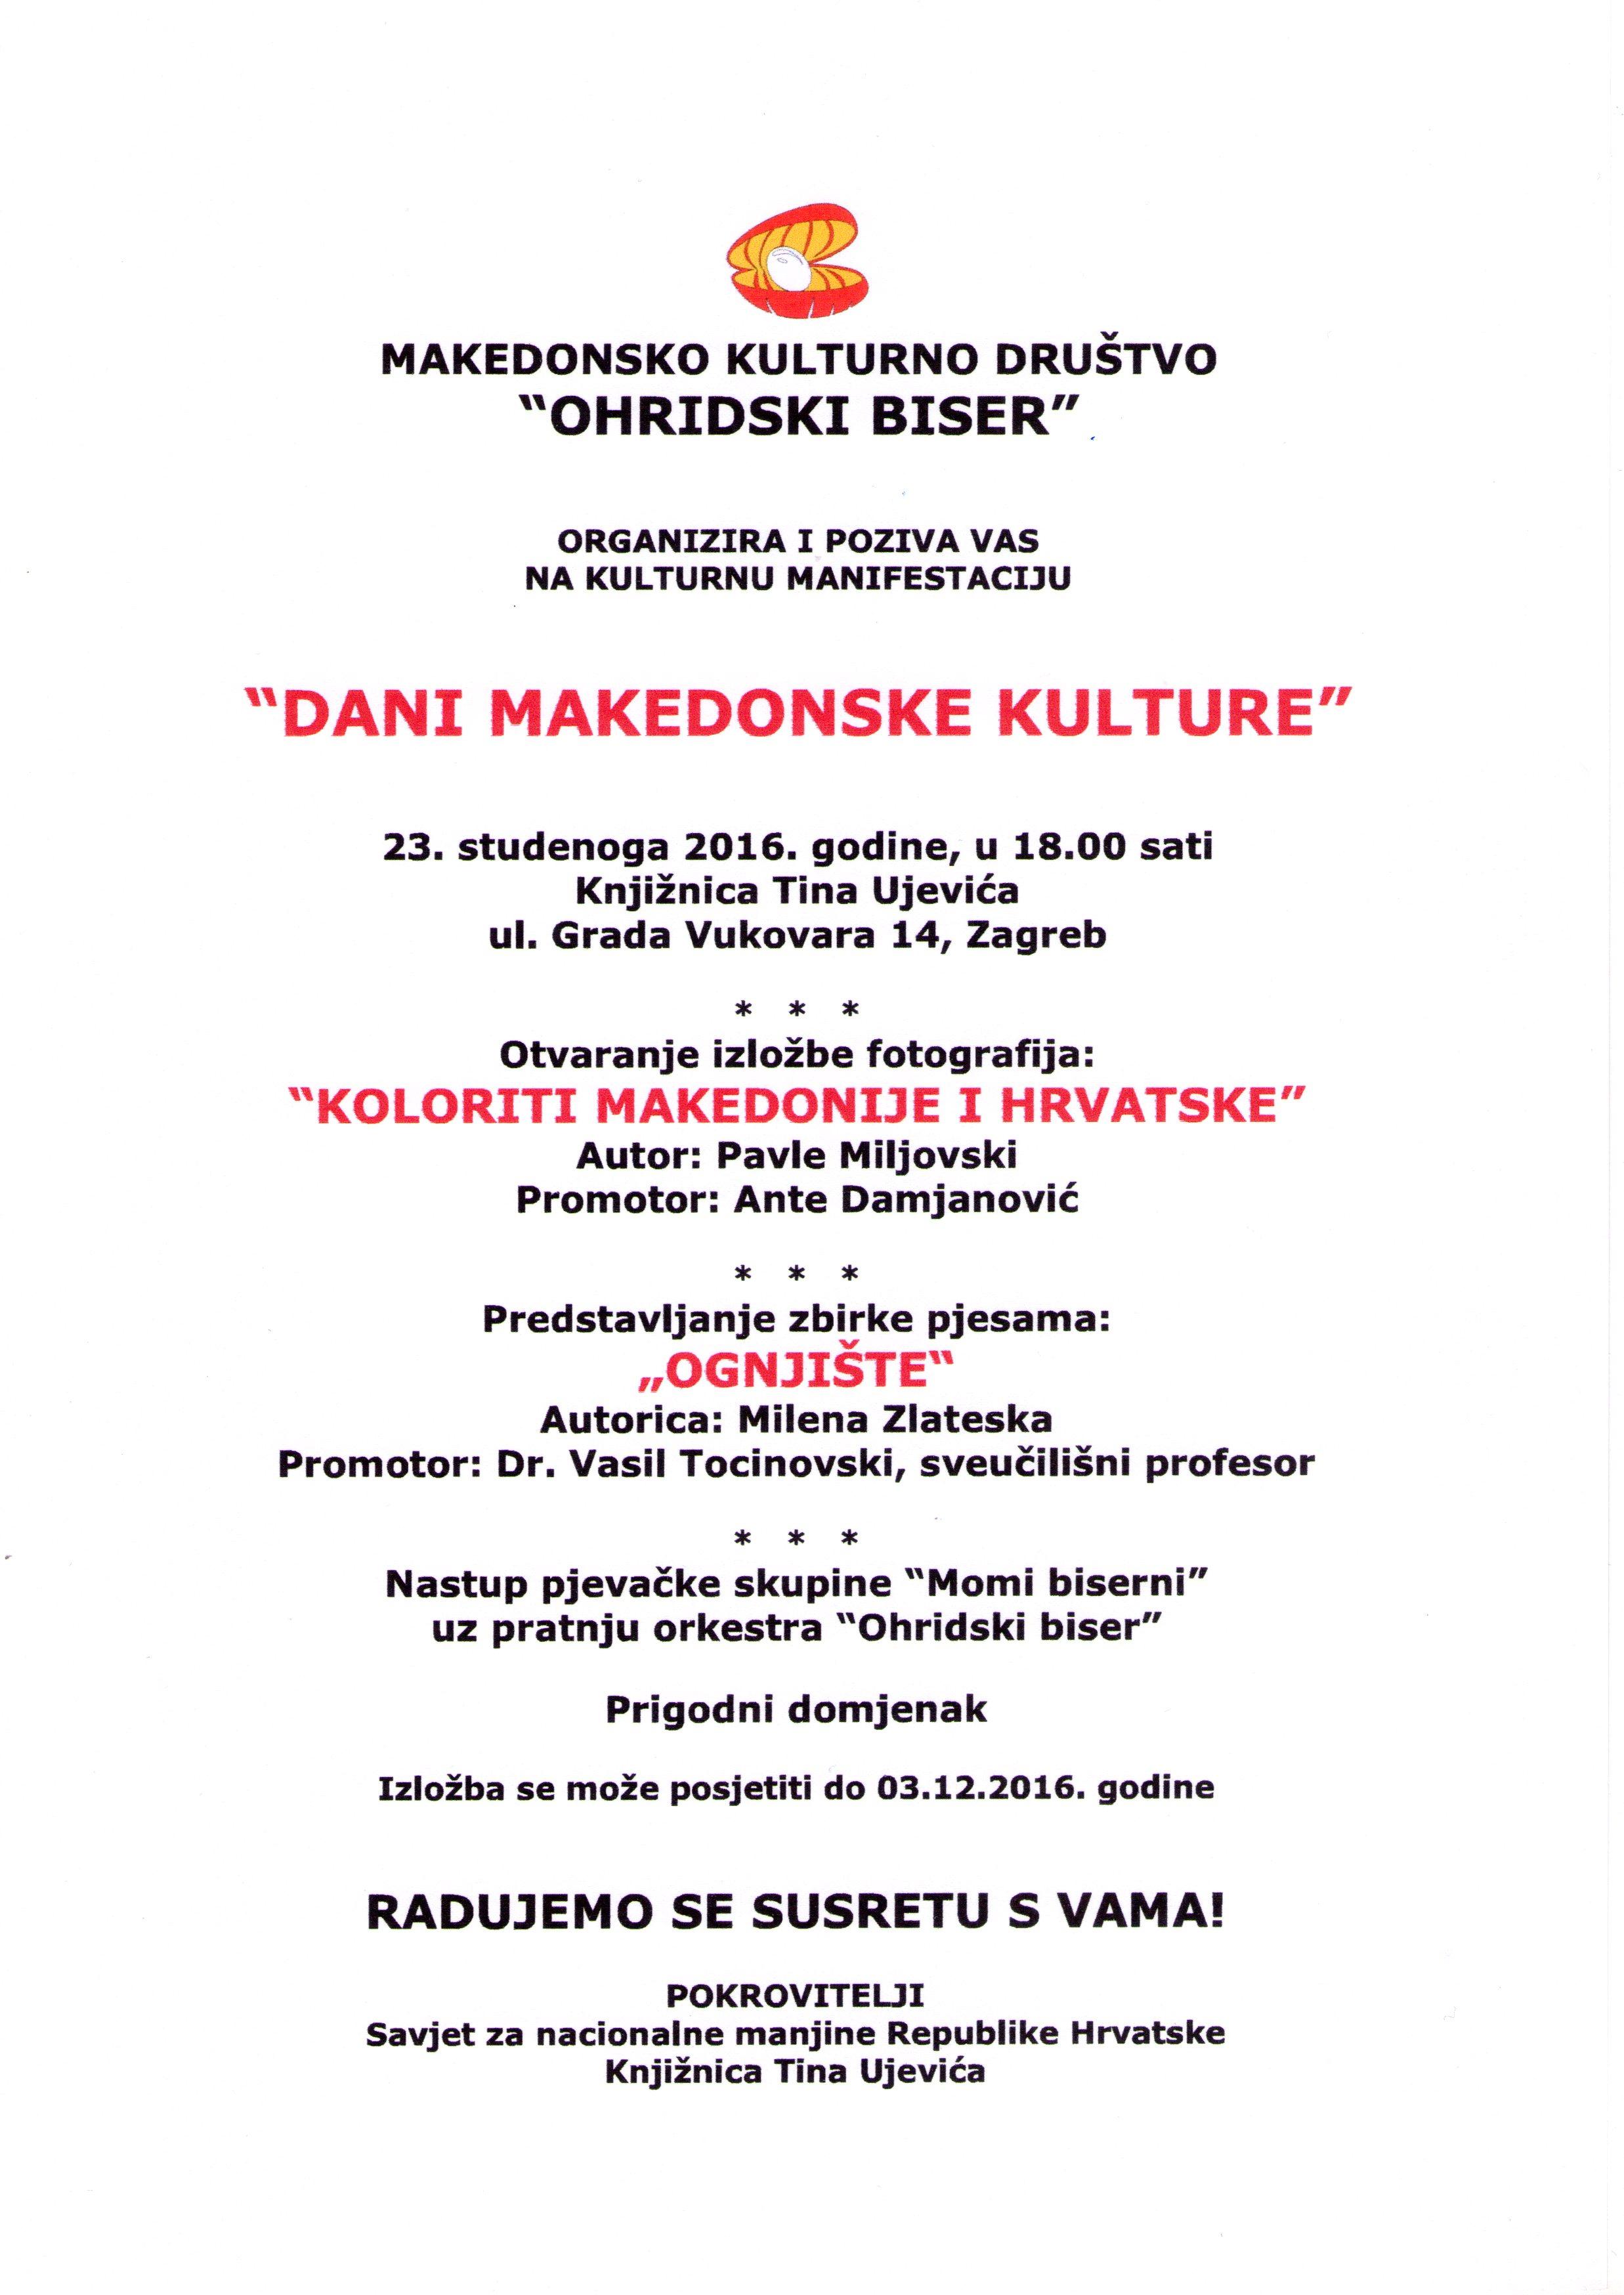 Pozivnica: Dani makedonske kulture u Zagrebu